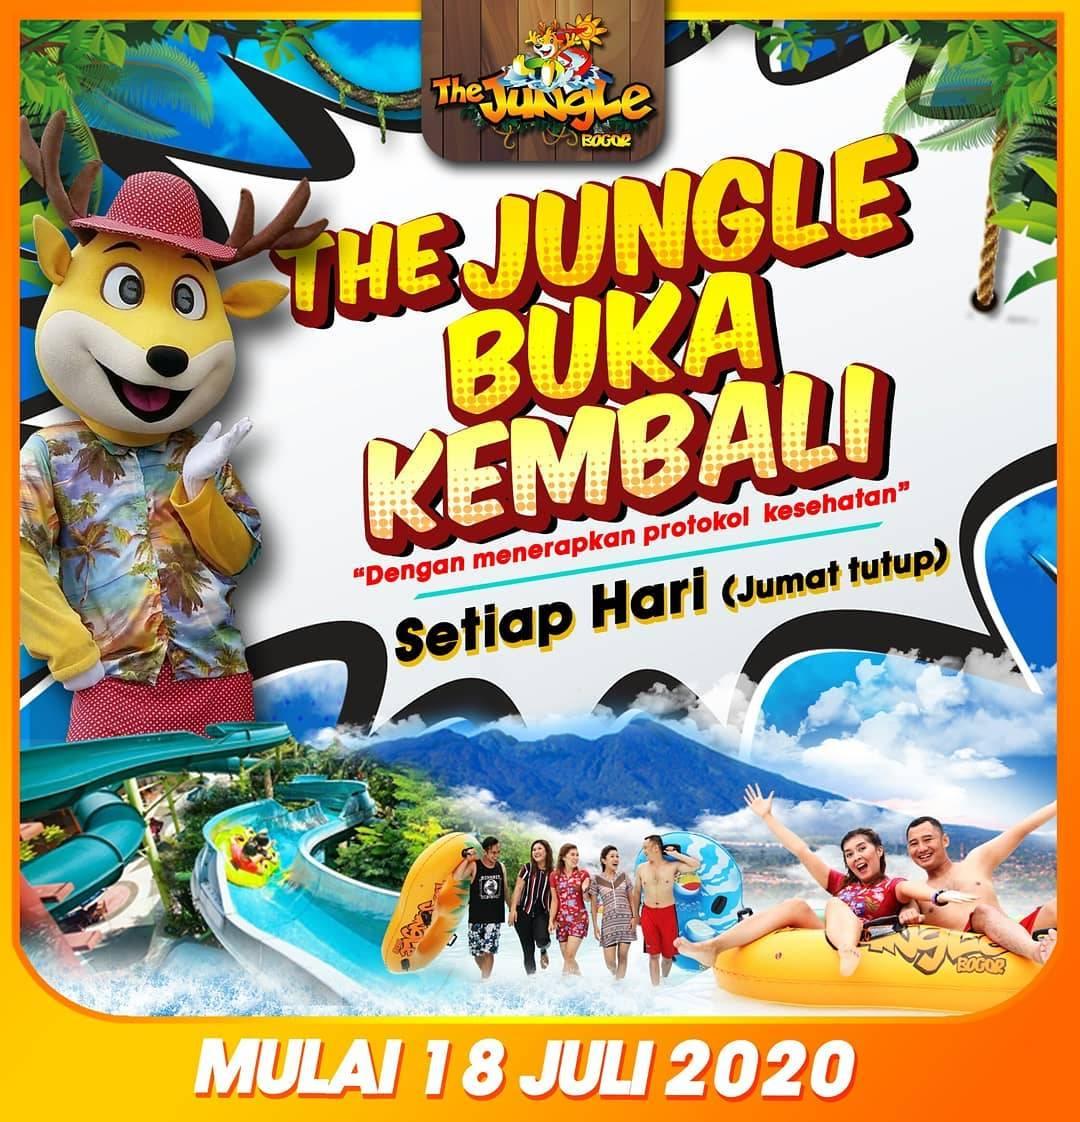 Diskon Promo The Jungle Waterpark Tiket Masuk Hanya Rp. 30.000/Orang